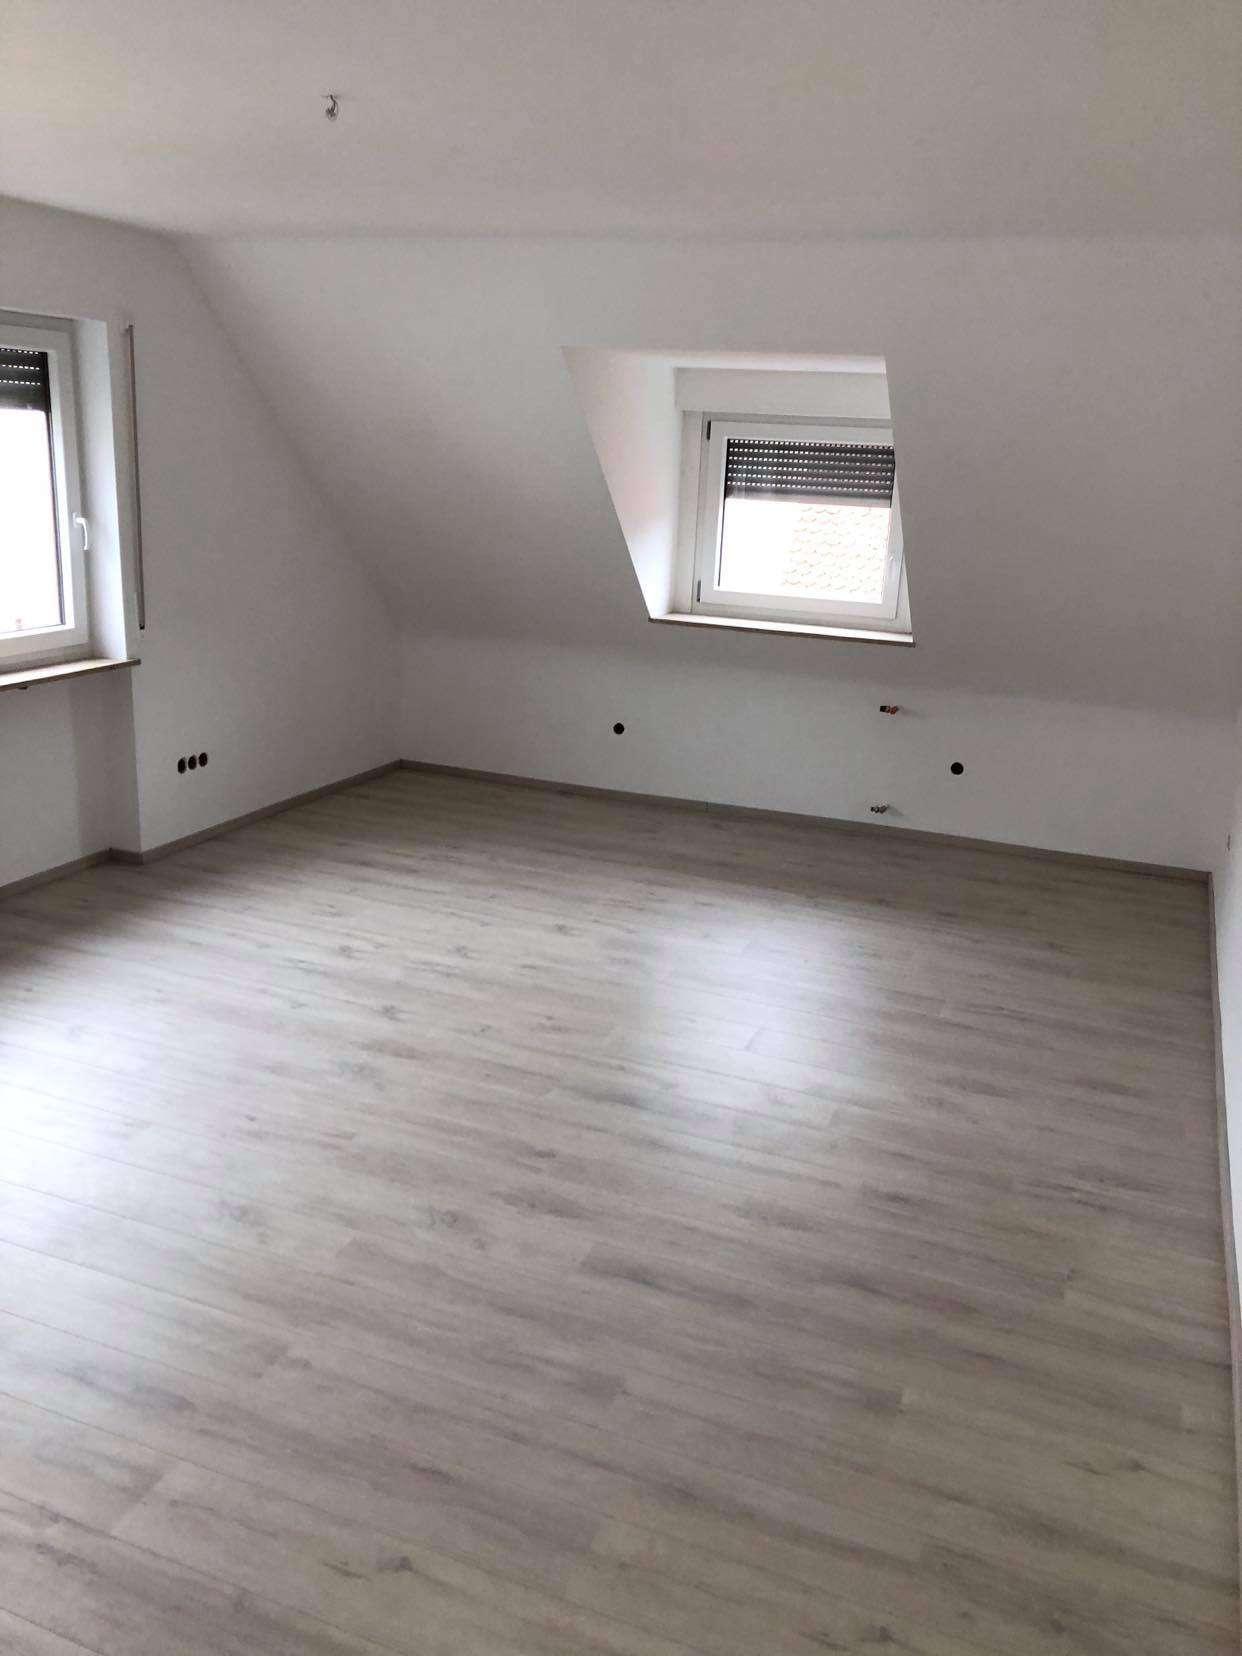 Erstbezug: freundliche 3-Zimmer-DG-Wohnung mit gehobener Innenausstattung zur Miete in Greding in